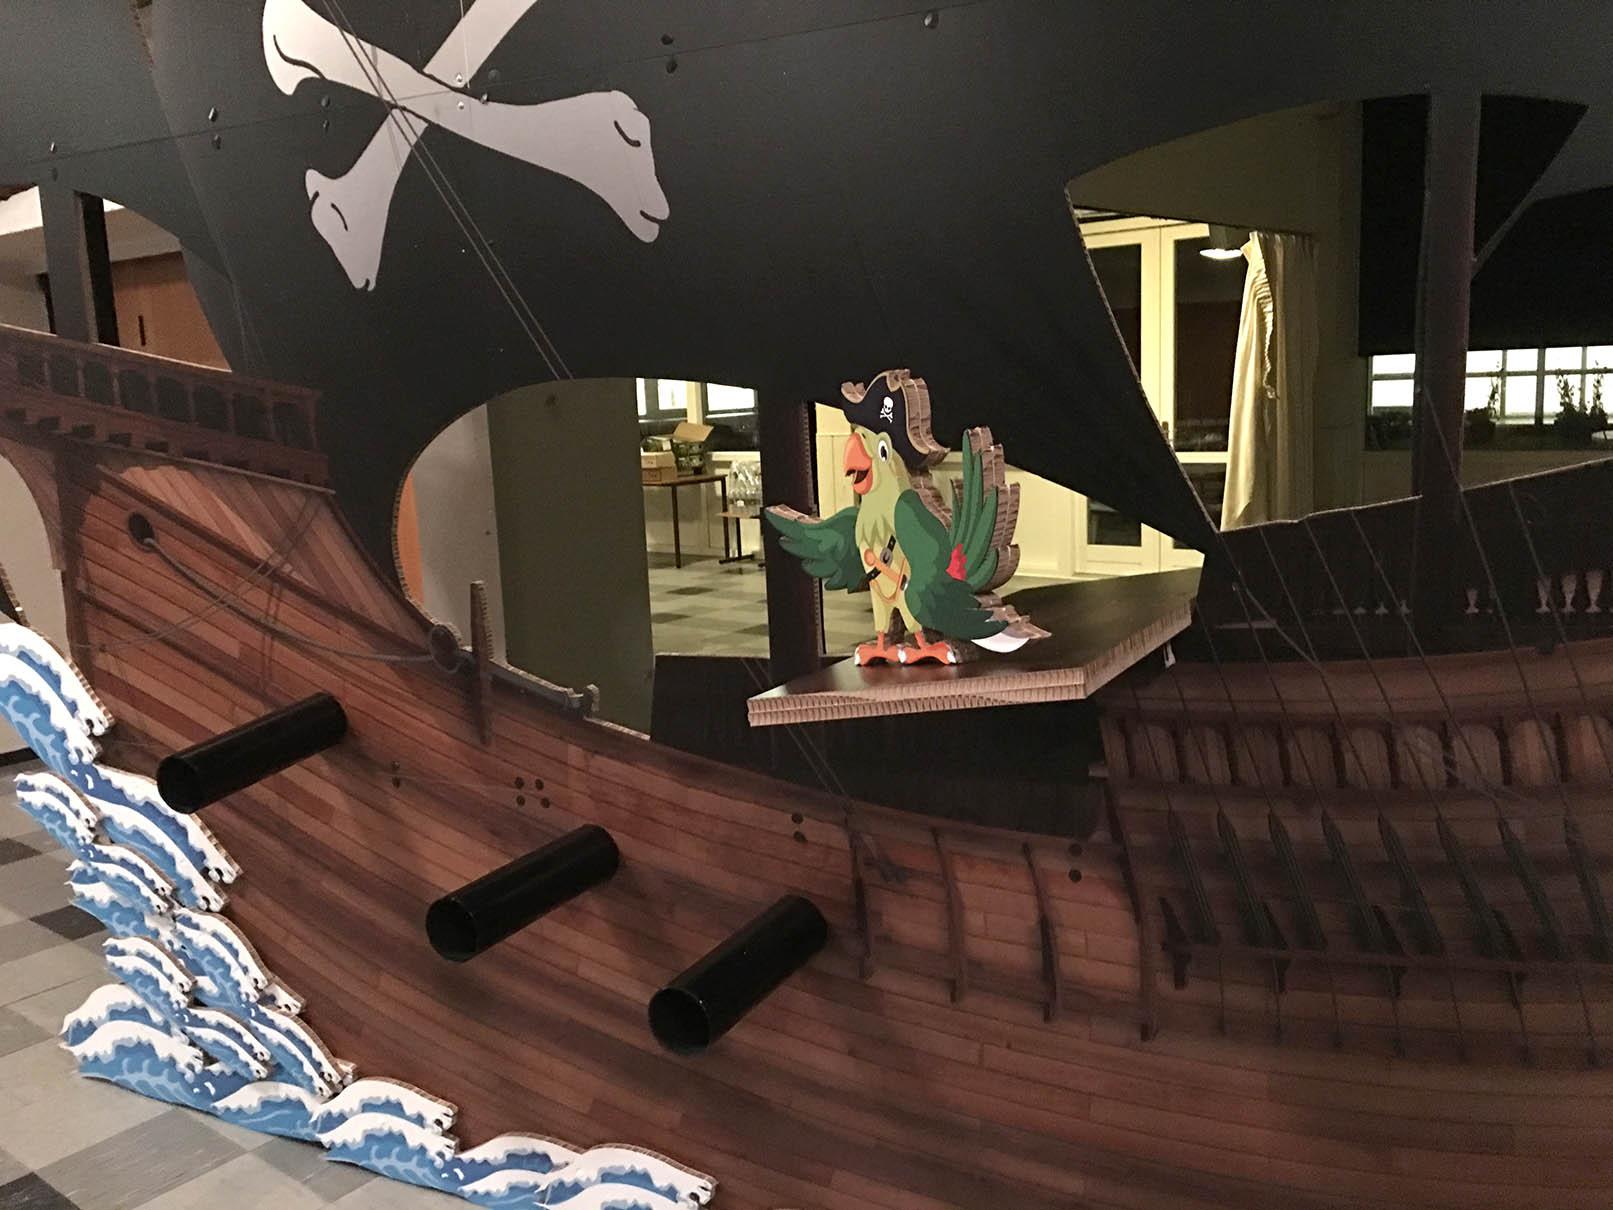 Re-board materiale piratskib auktion og fest